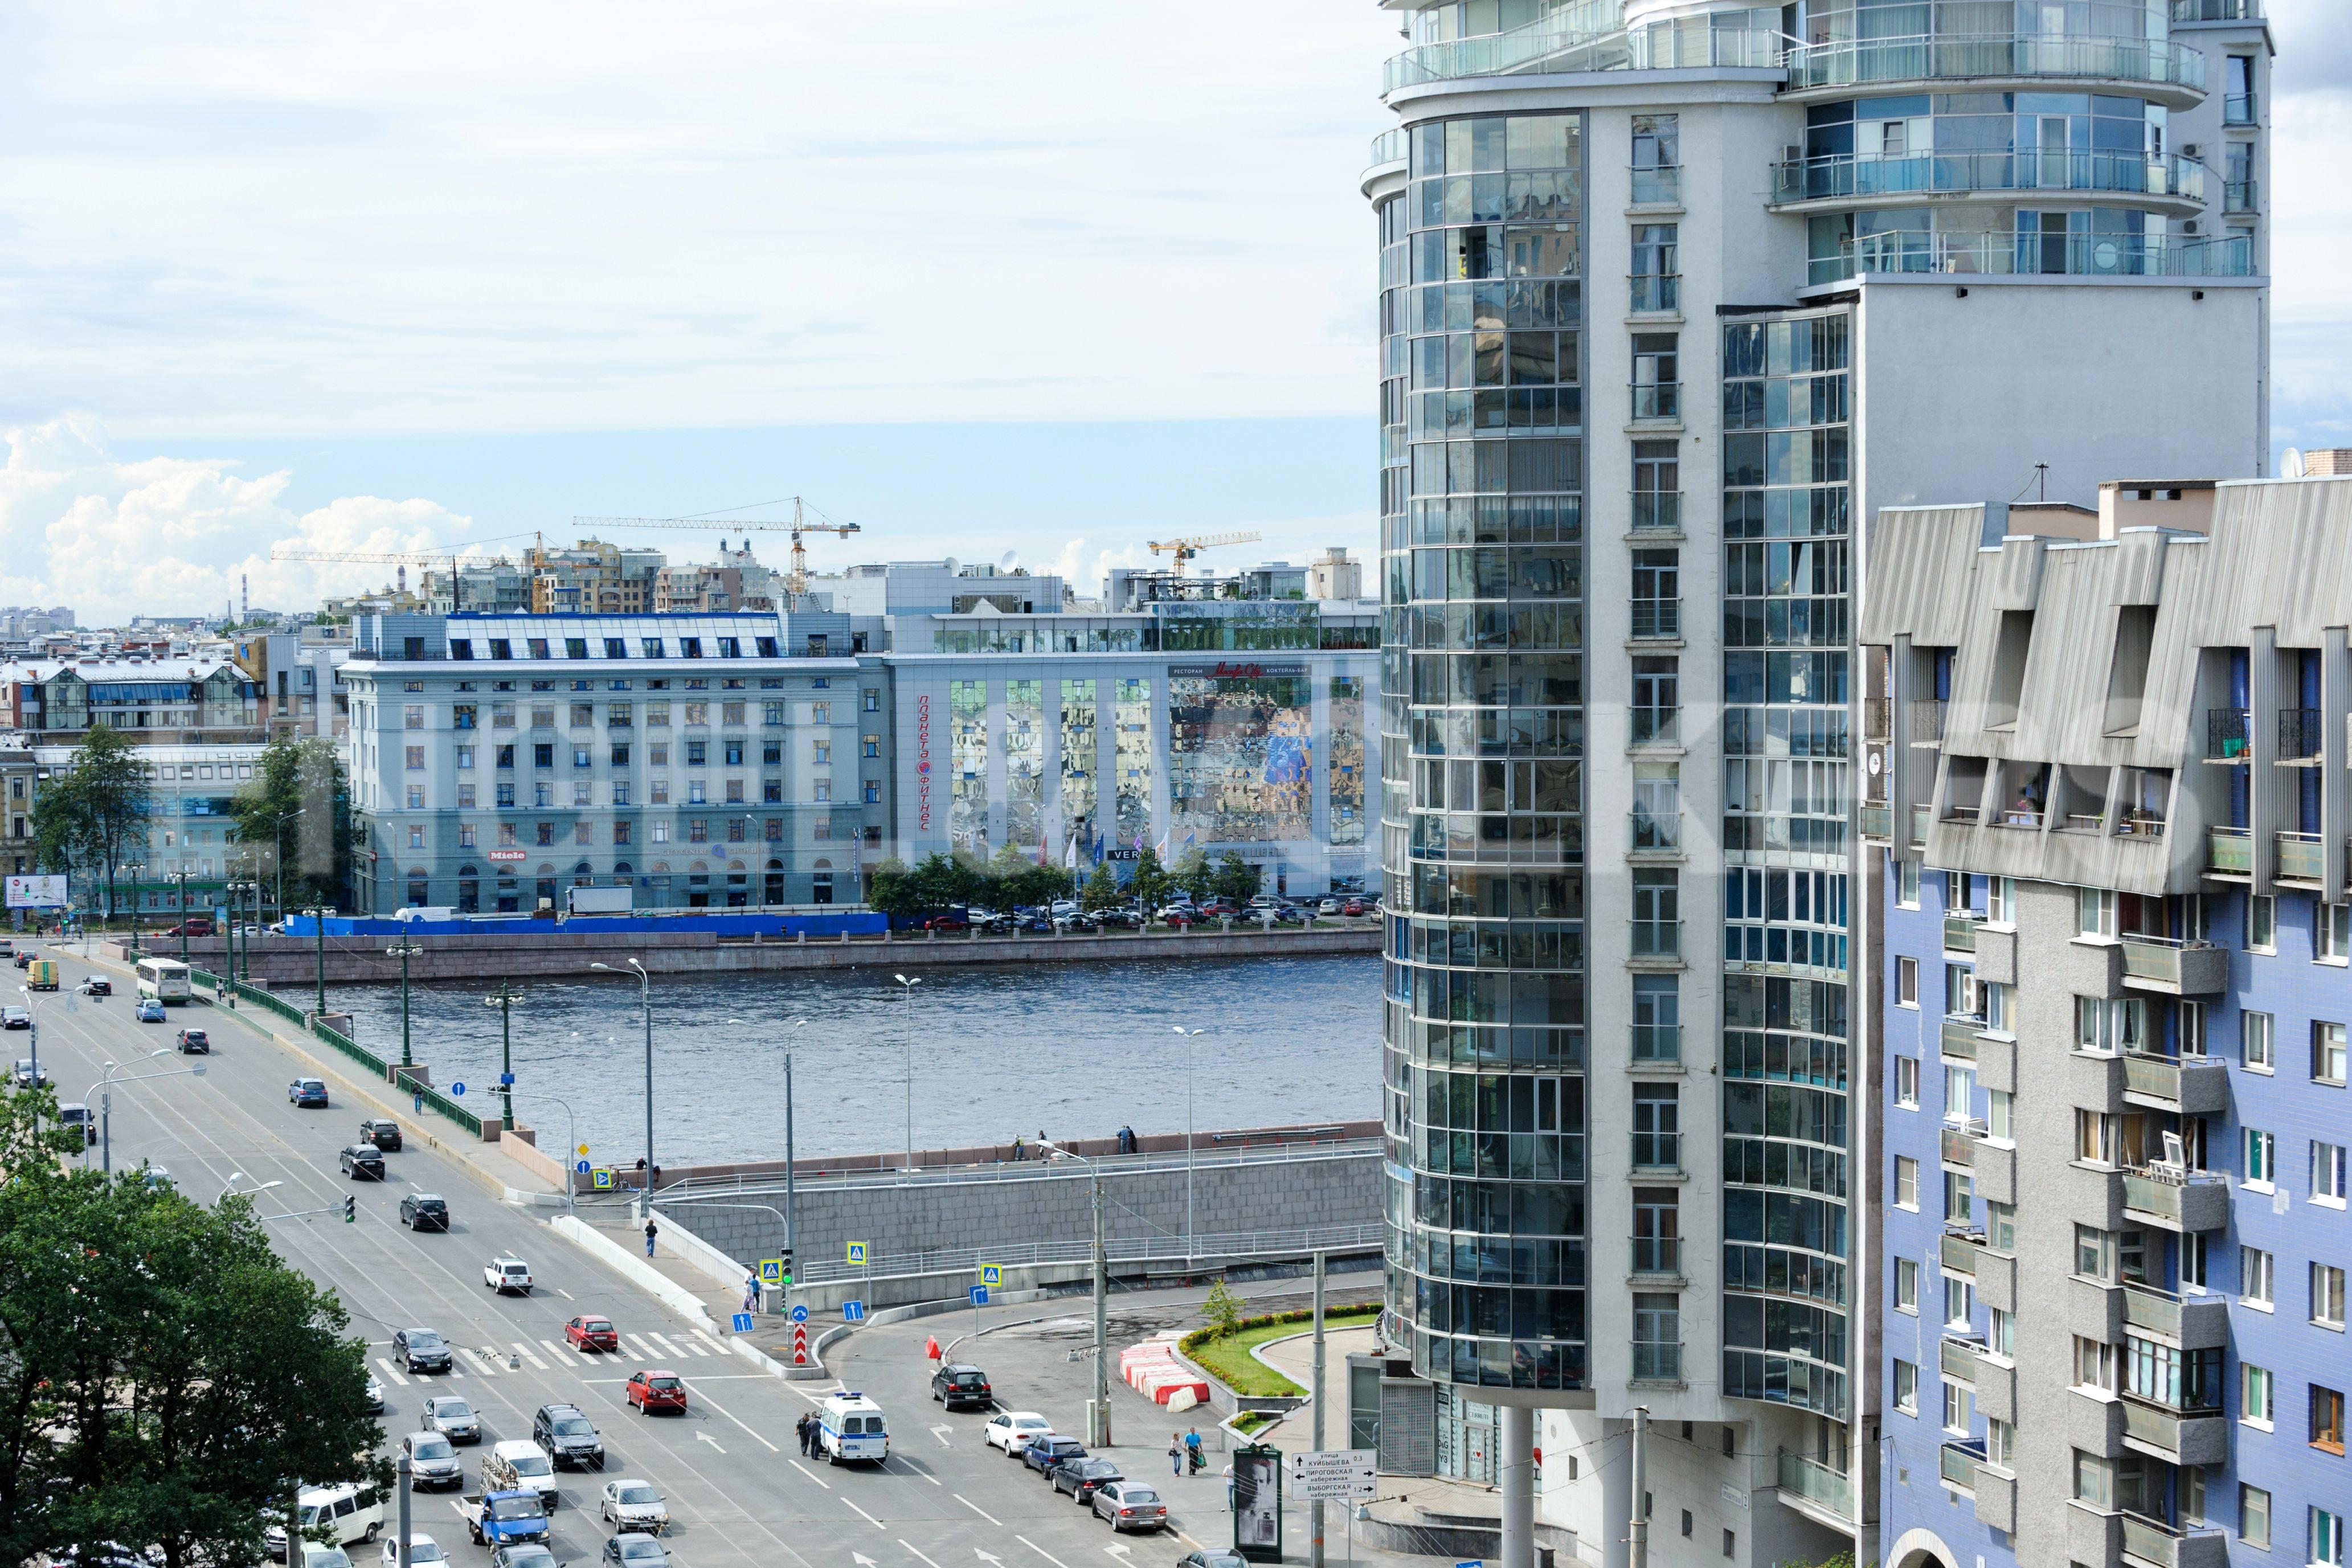 Элитные квартиры в Центральном районе. Санкт-Петербург, Большой Сампсониевский пр. 4-6. Вид из окон столовой на Неву